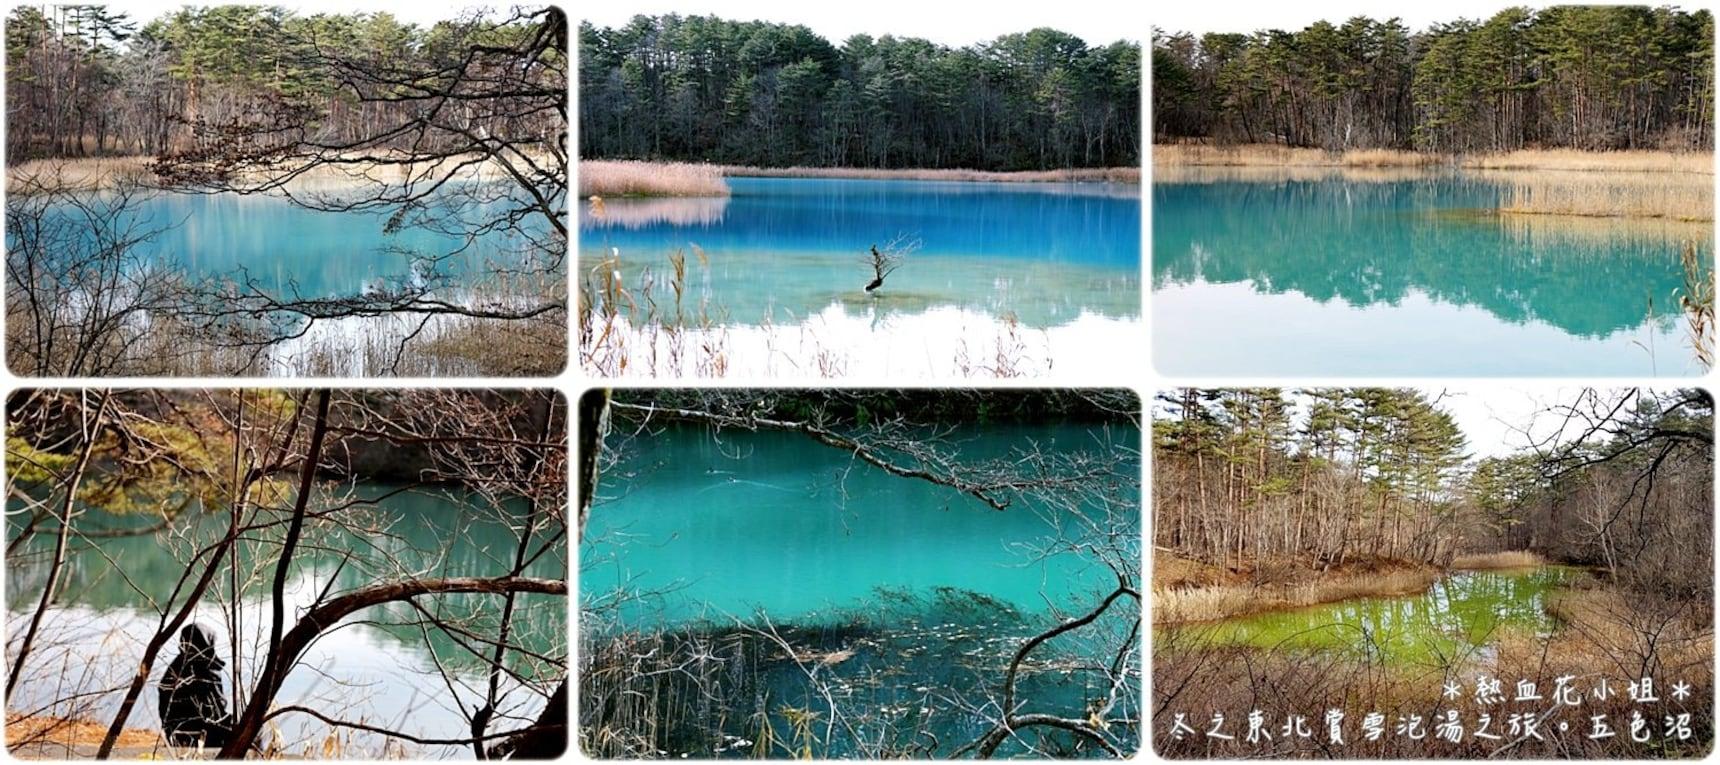 一個人的旅行,冬日東北&南北海道賞雪泡泡湯:在山裡遇見Tiffany藍,來看絕美五色沼